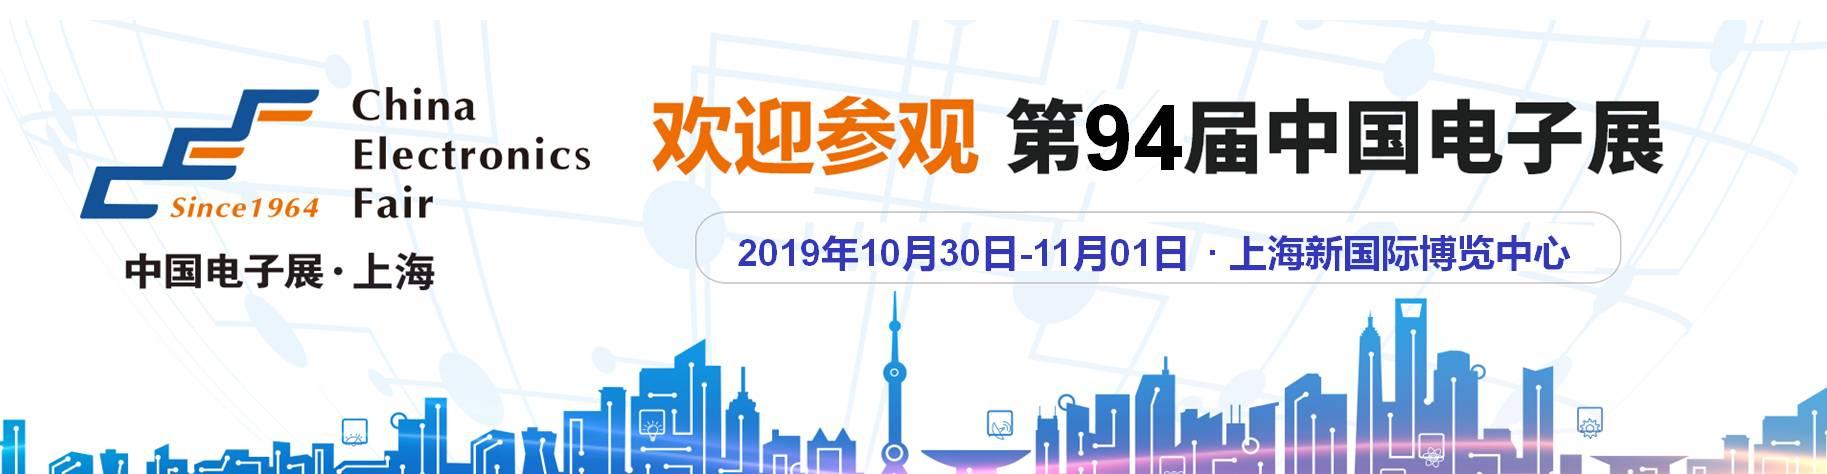 华东最大电子行业展-第94届中国电子展